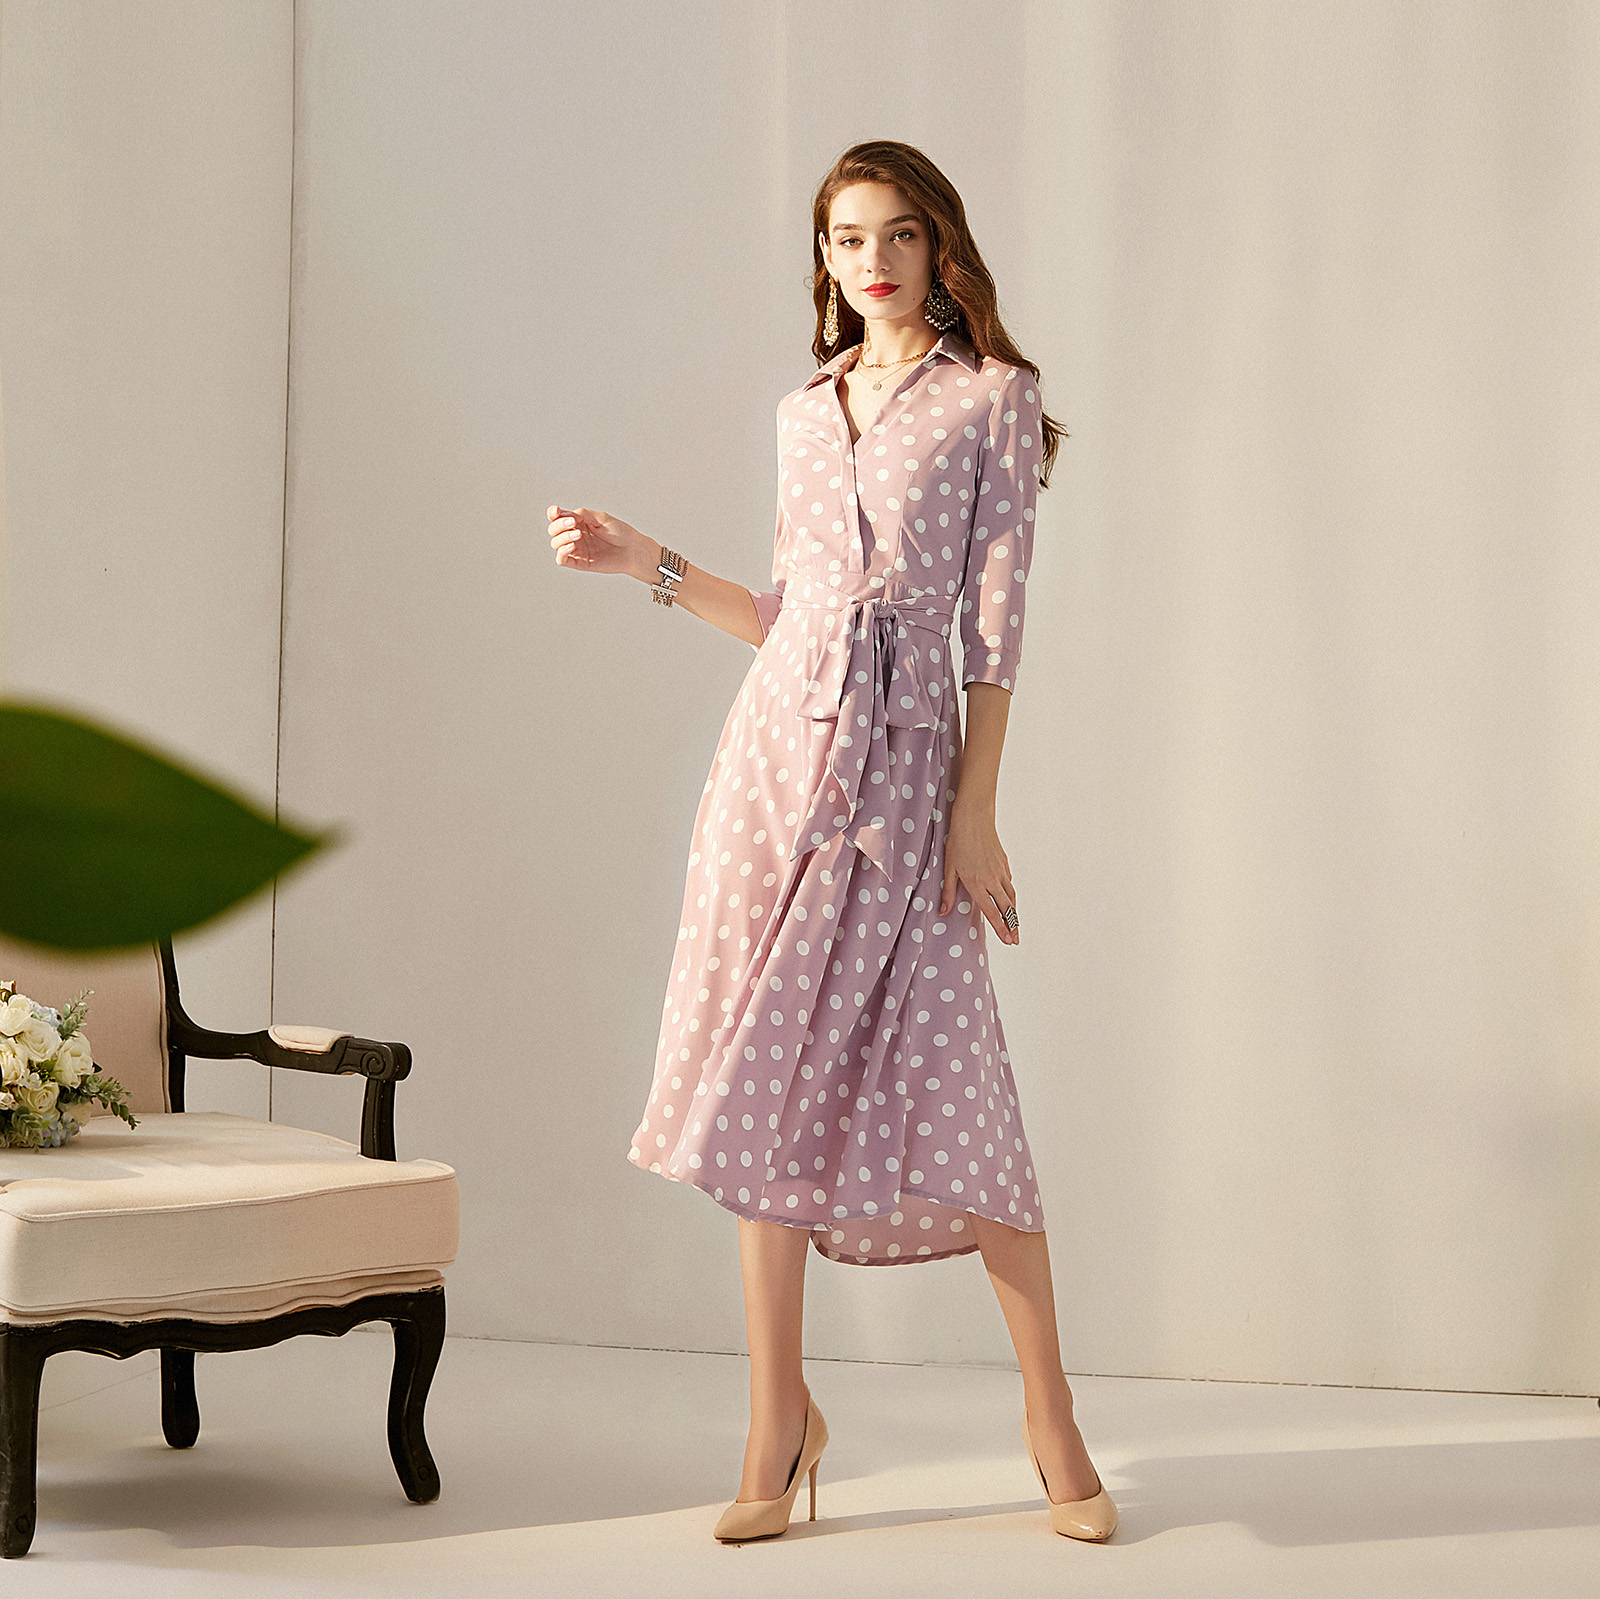 2019 printemps été robe col en v vague point robe longue ceinture mode tempérament vintage grande taille a-ligne robe h10